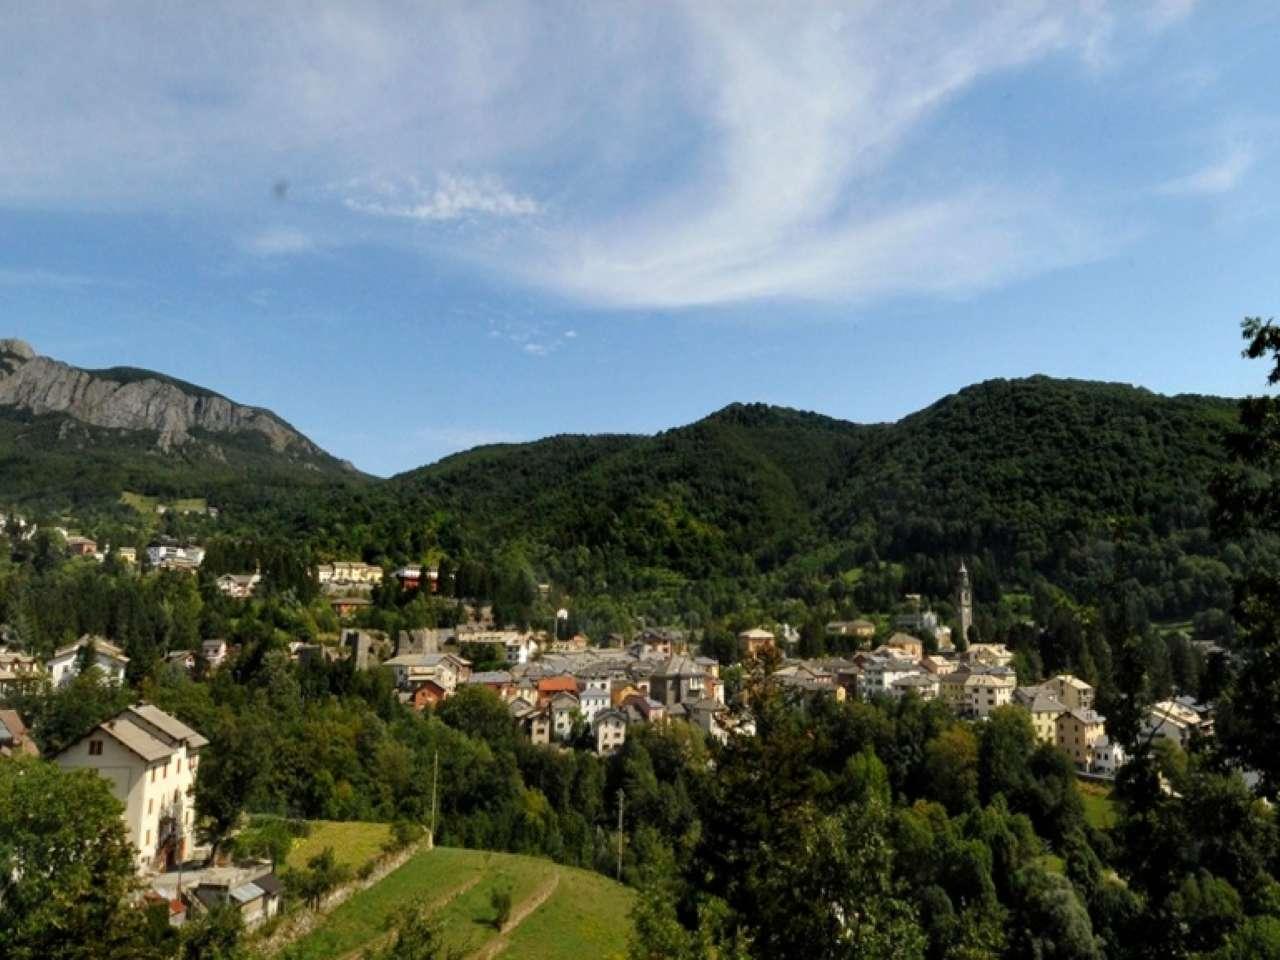 Appartamento in vendita a Santo Stefano d'Aveto, 5 locali, prezzo € 85.000 | PortaleAgenzieImmobiliari.it